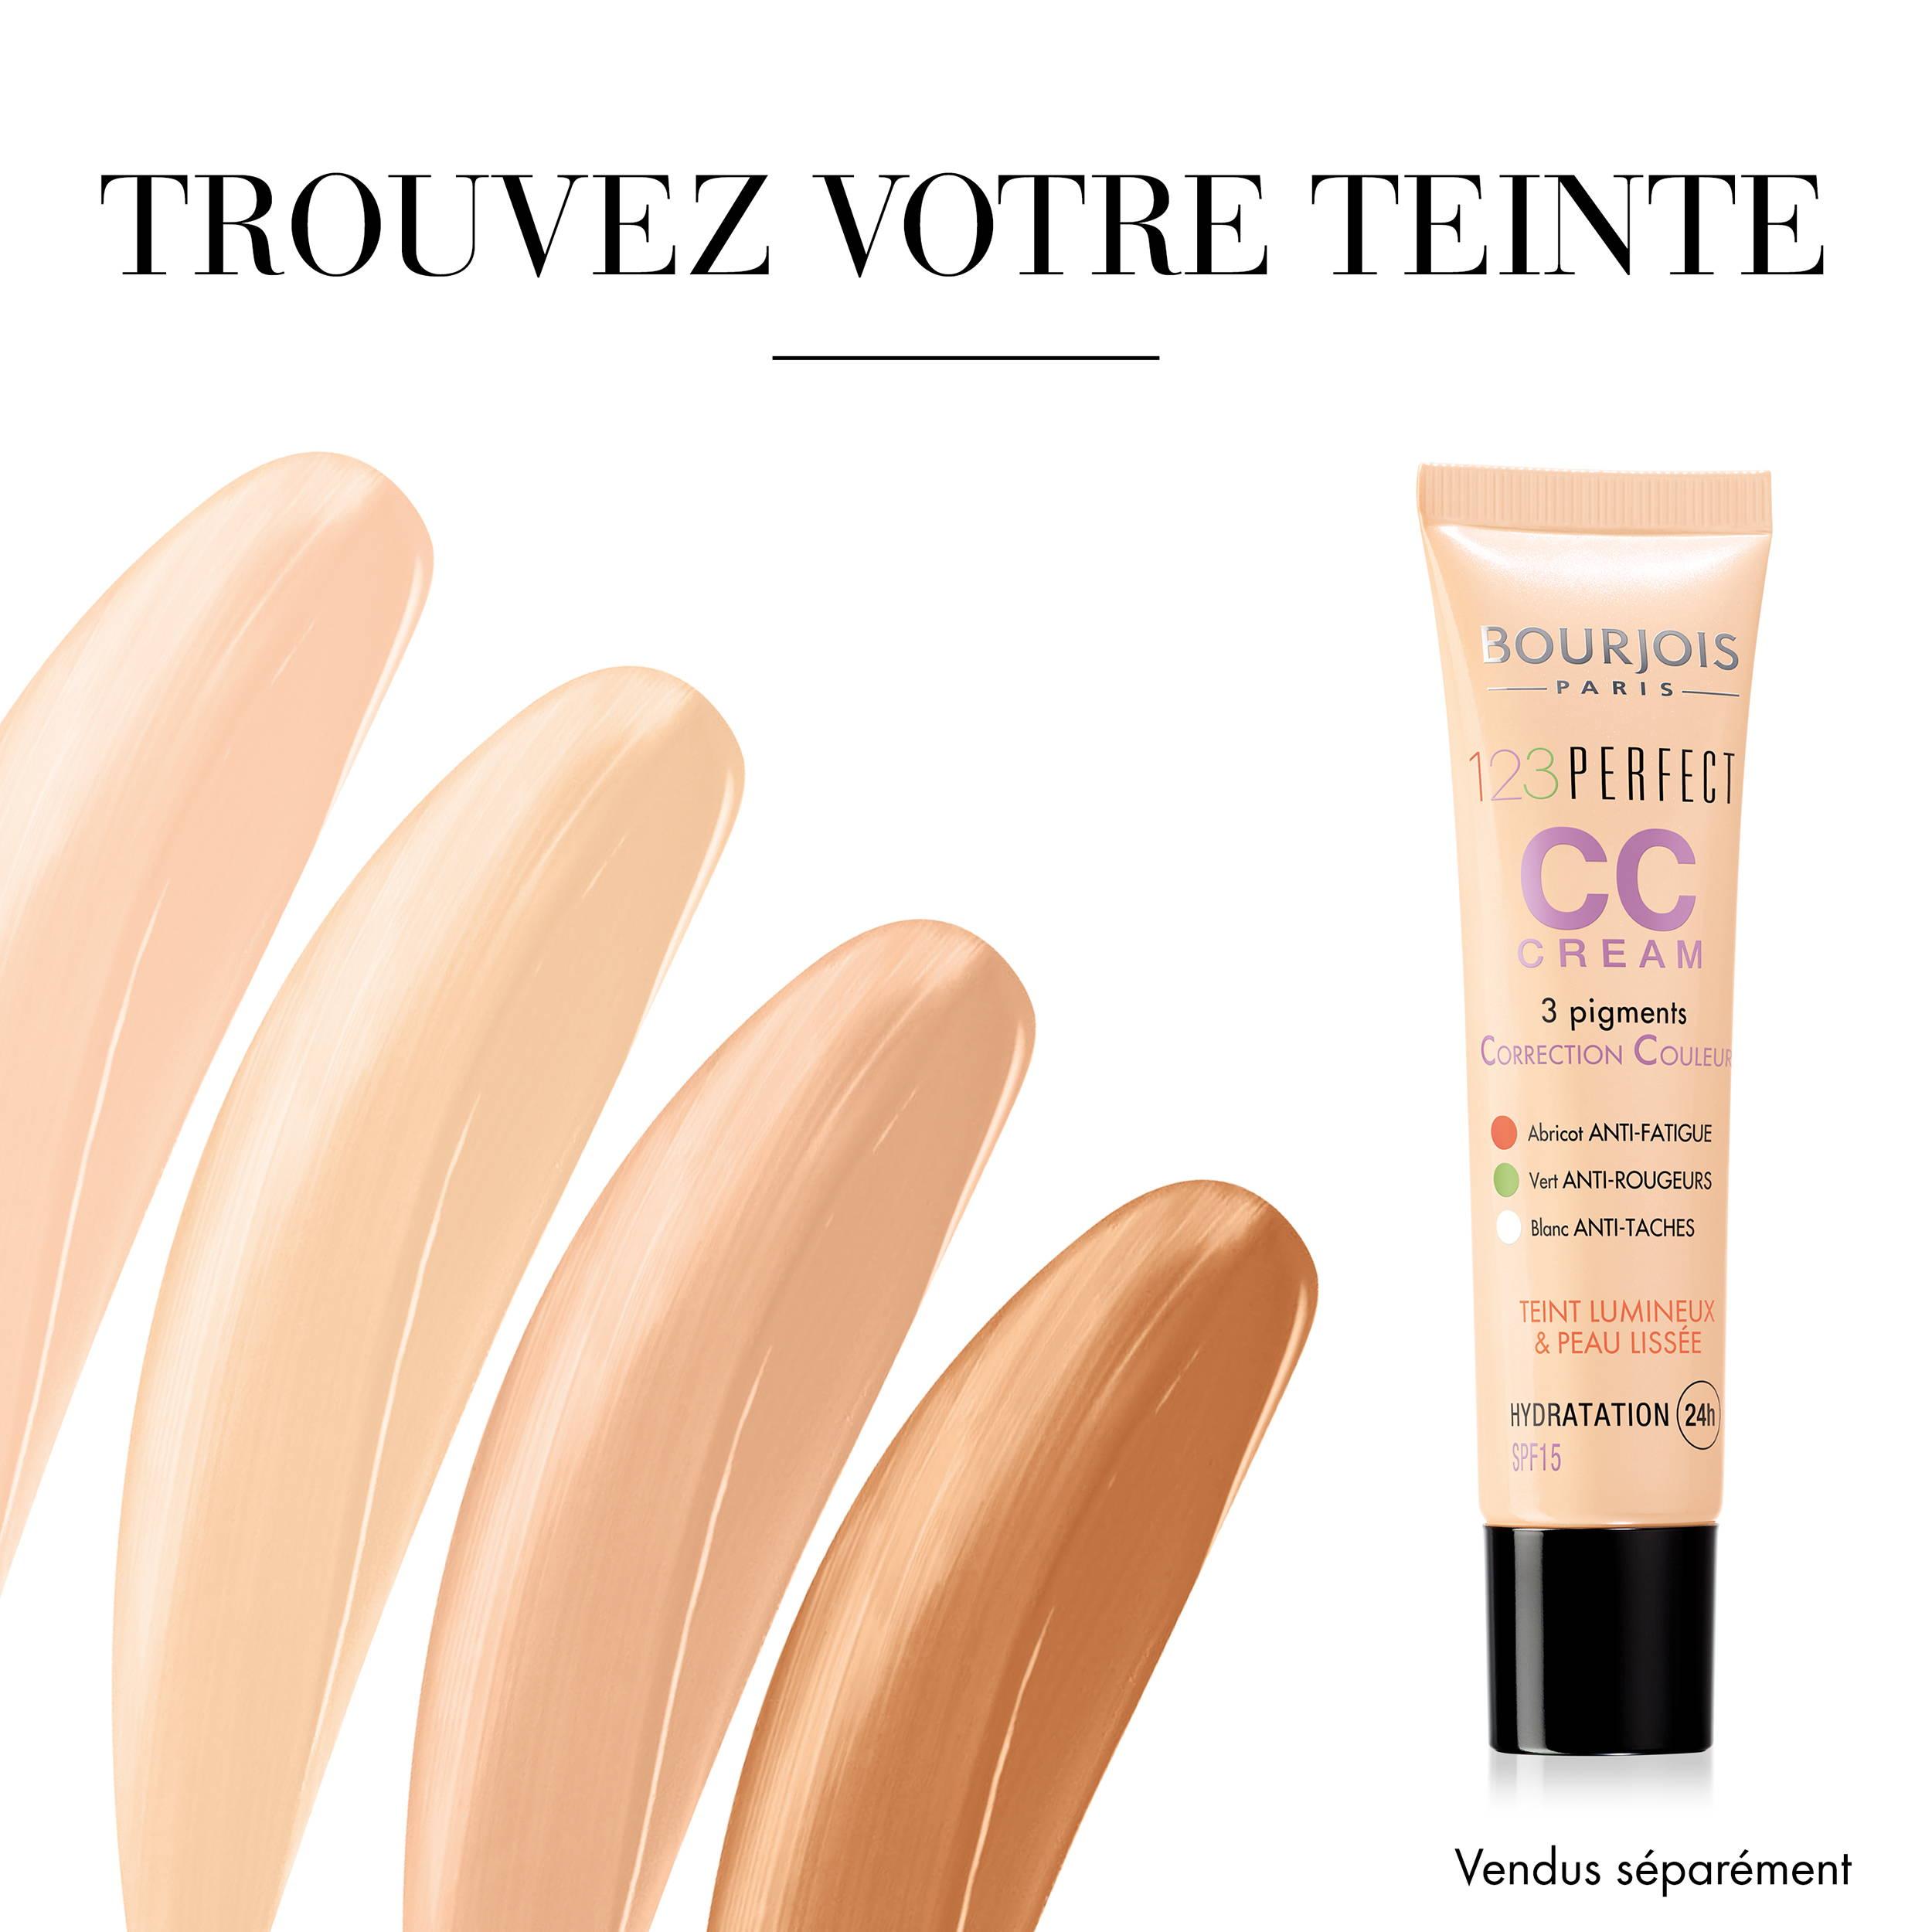 Teintes CC Crème Bourjois